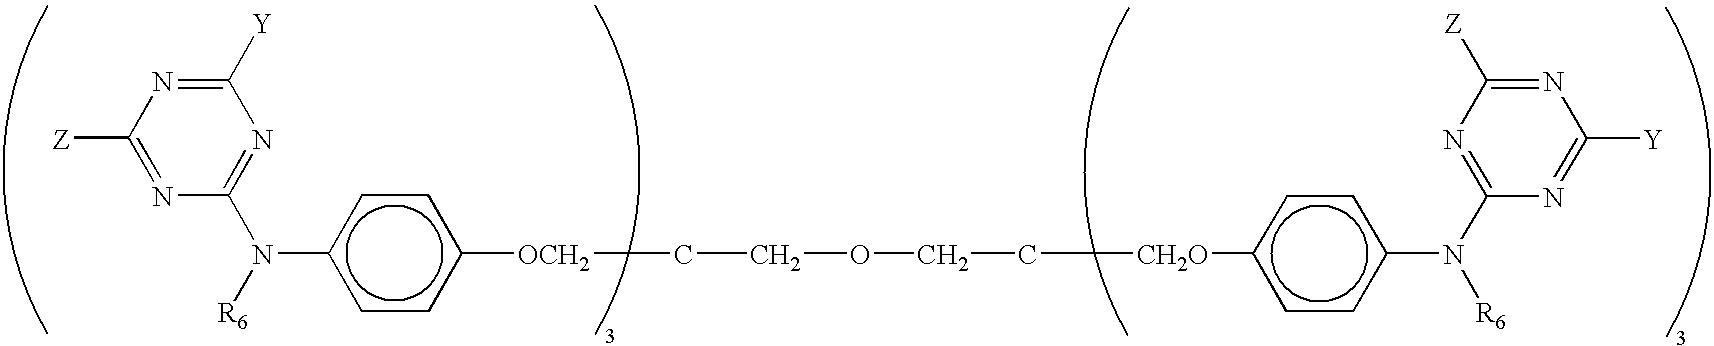 Figure US07087752-20060808-C00018